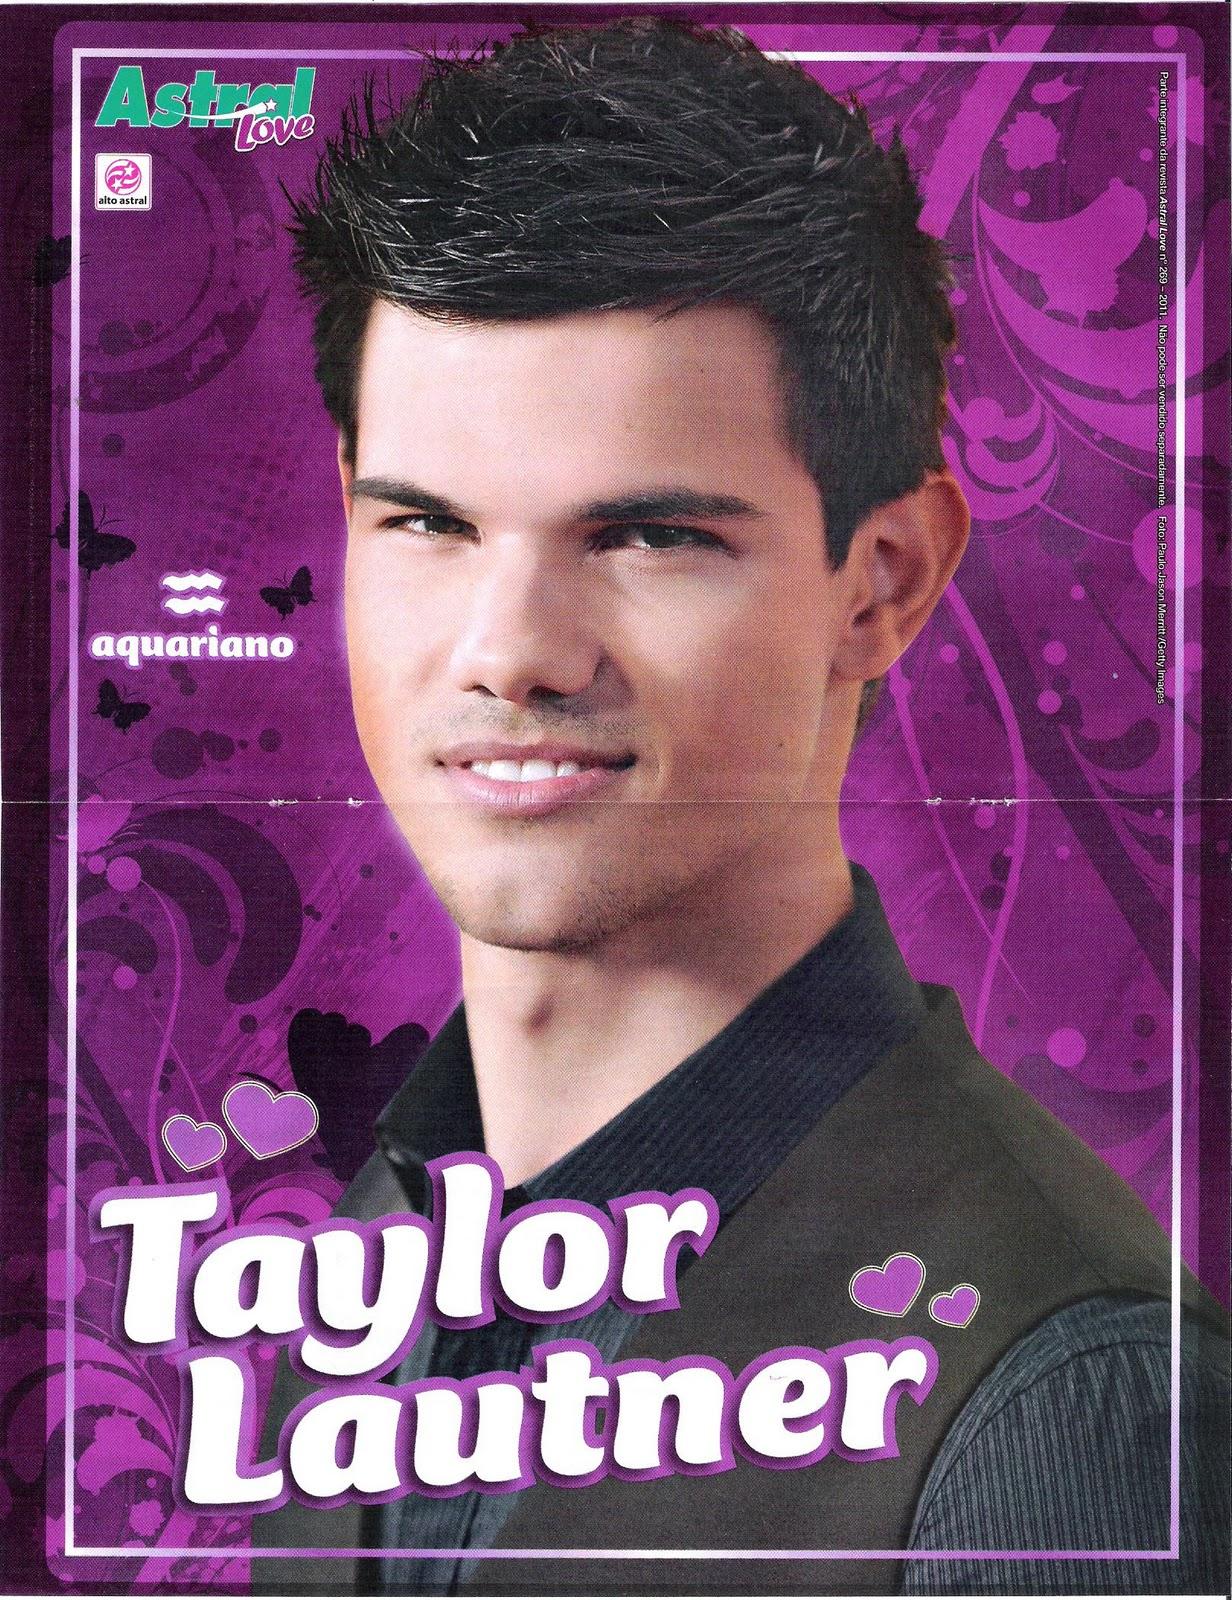 http://2.bp.blogspot.com/-q1-G5bzBo10/Ts-0UHzWnMI/AAAAAAAAAfg/MjWKBMy3V-M/s1600/Taylor+Lautner+001.jpg